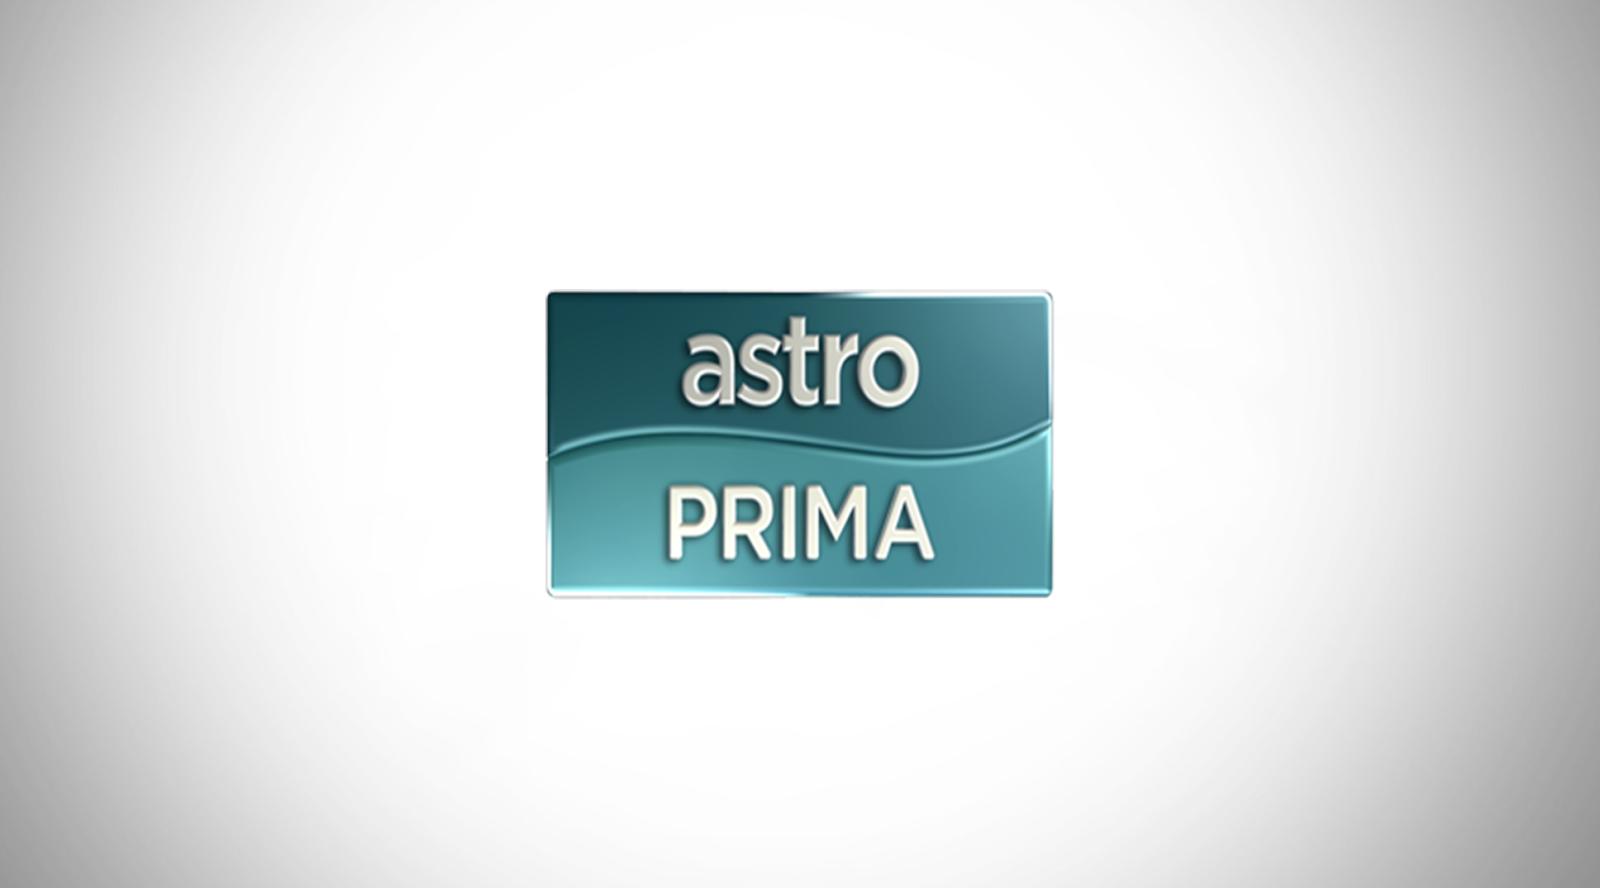 Astro Prima HD Live Streaming